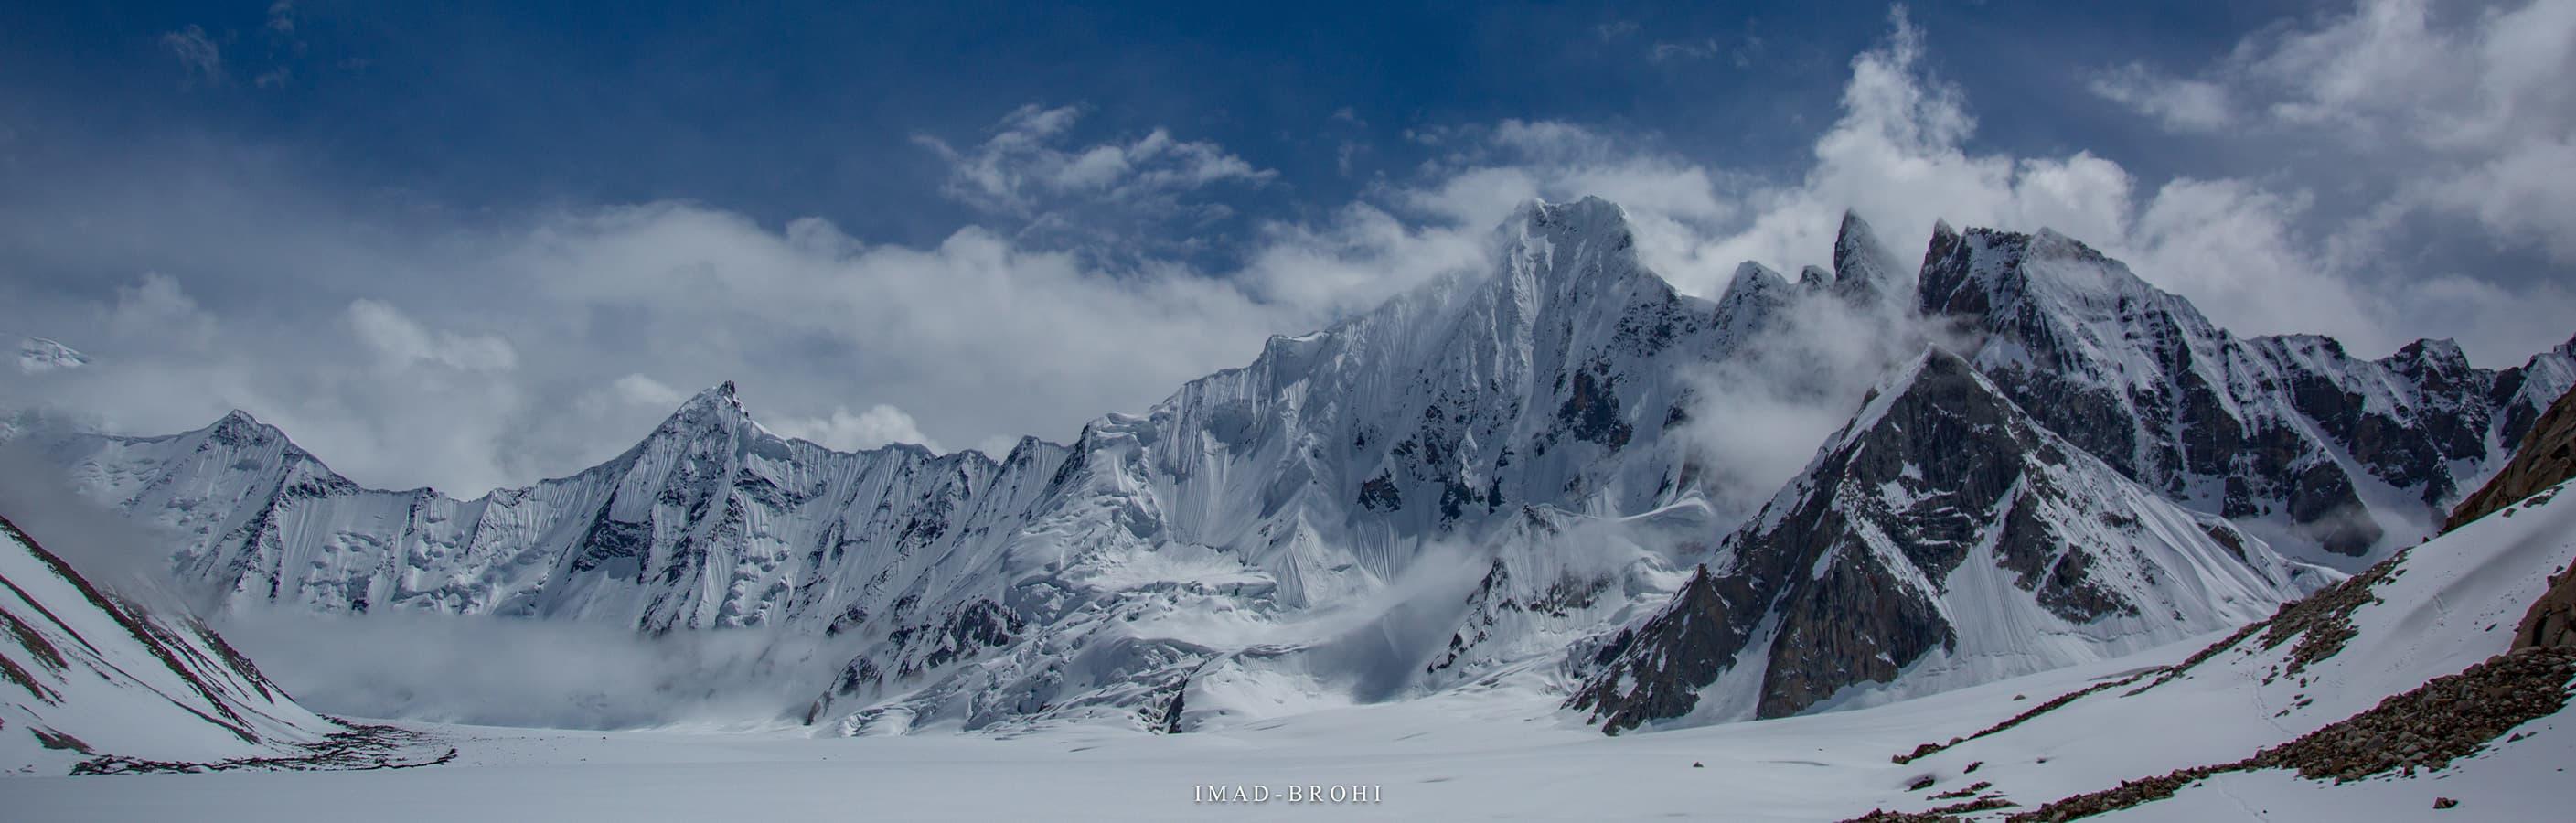 Tasa Brakka (6,700m).